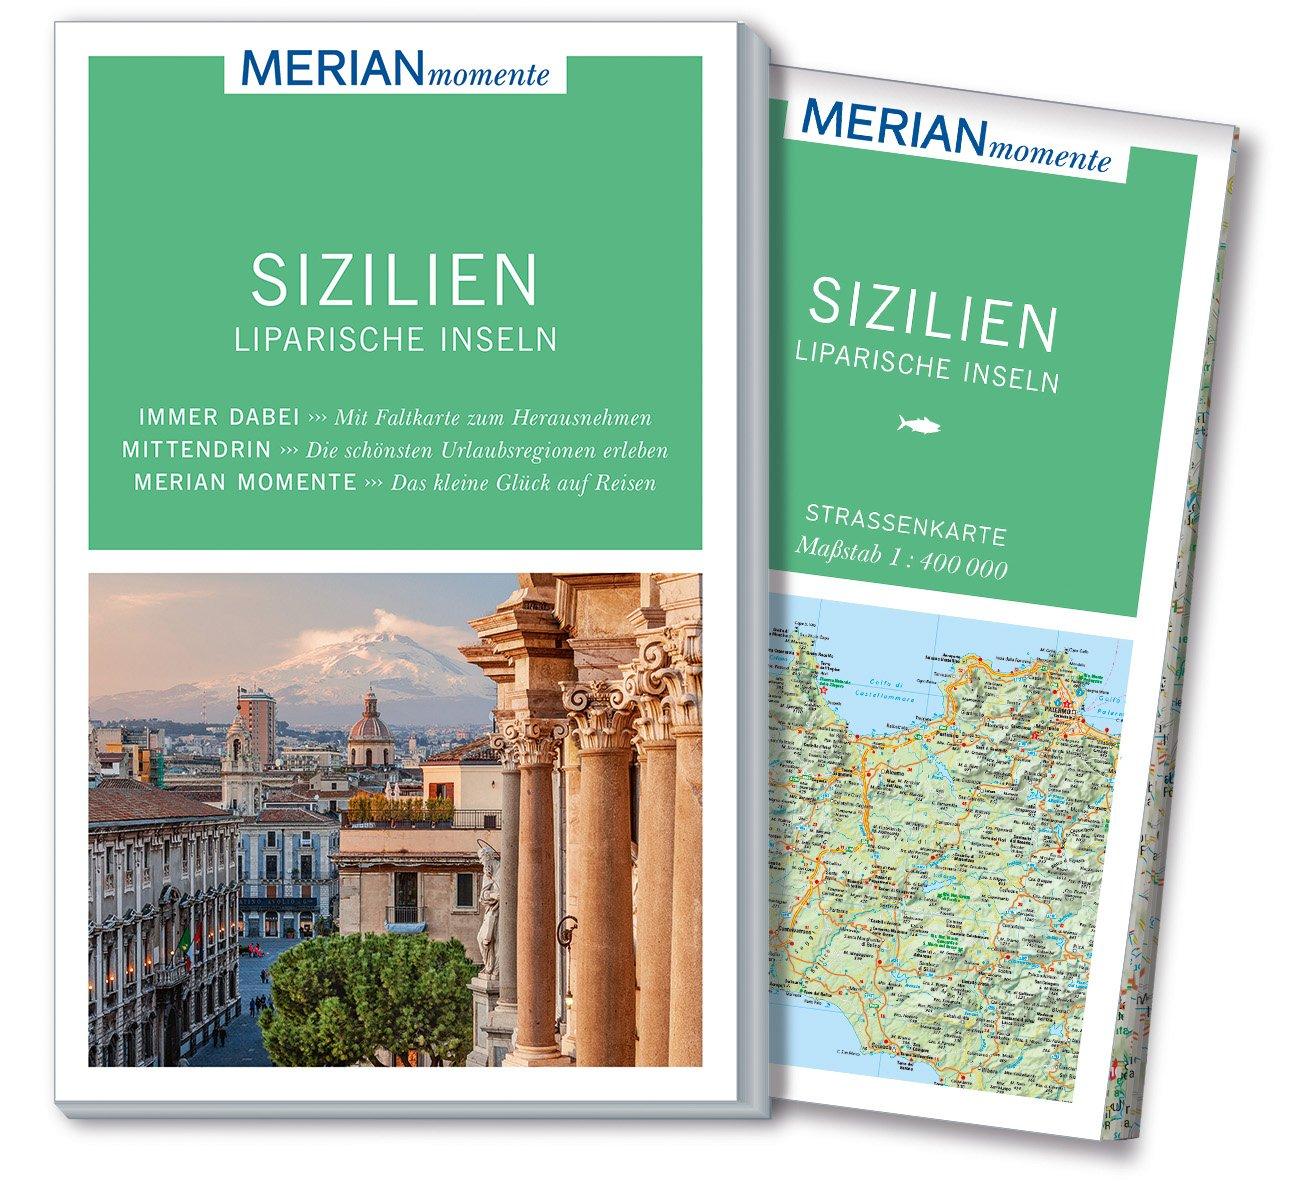 MERIAN momente Reiseführer Sizilien Liparische Inseln: MERIAN momente - Mit Extra-Karte zum Herausnehmen